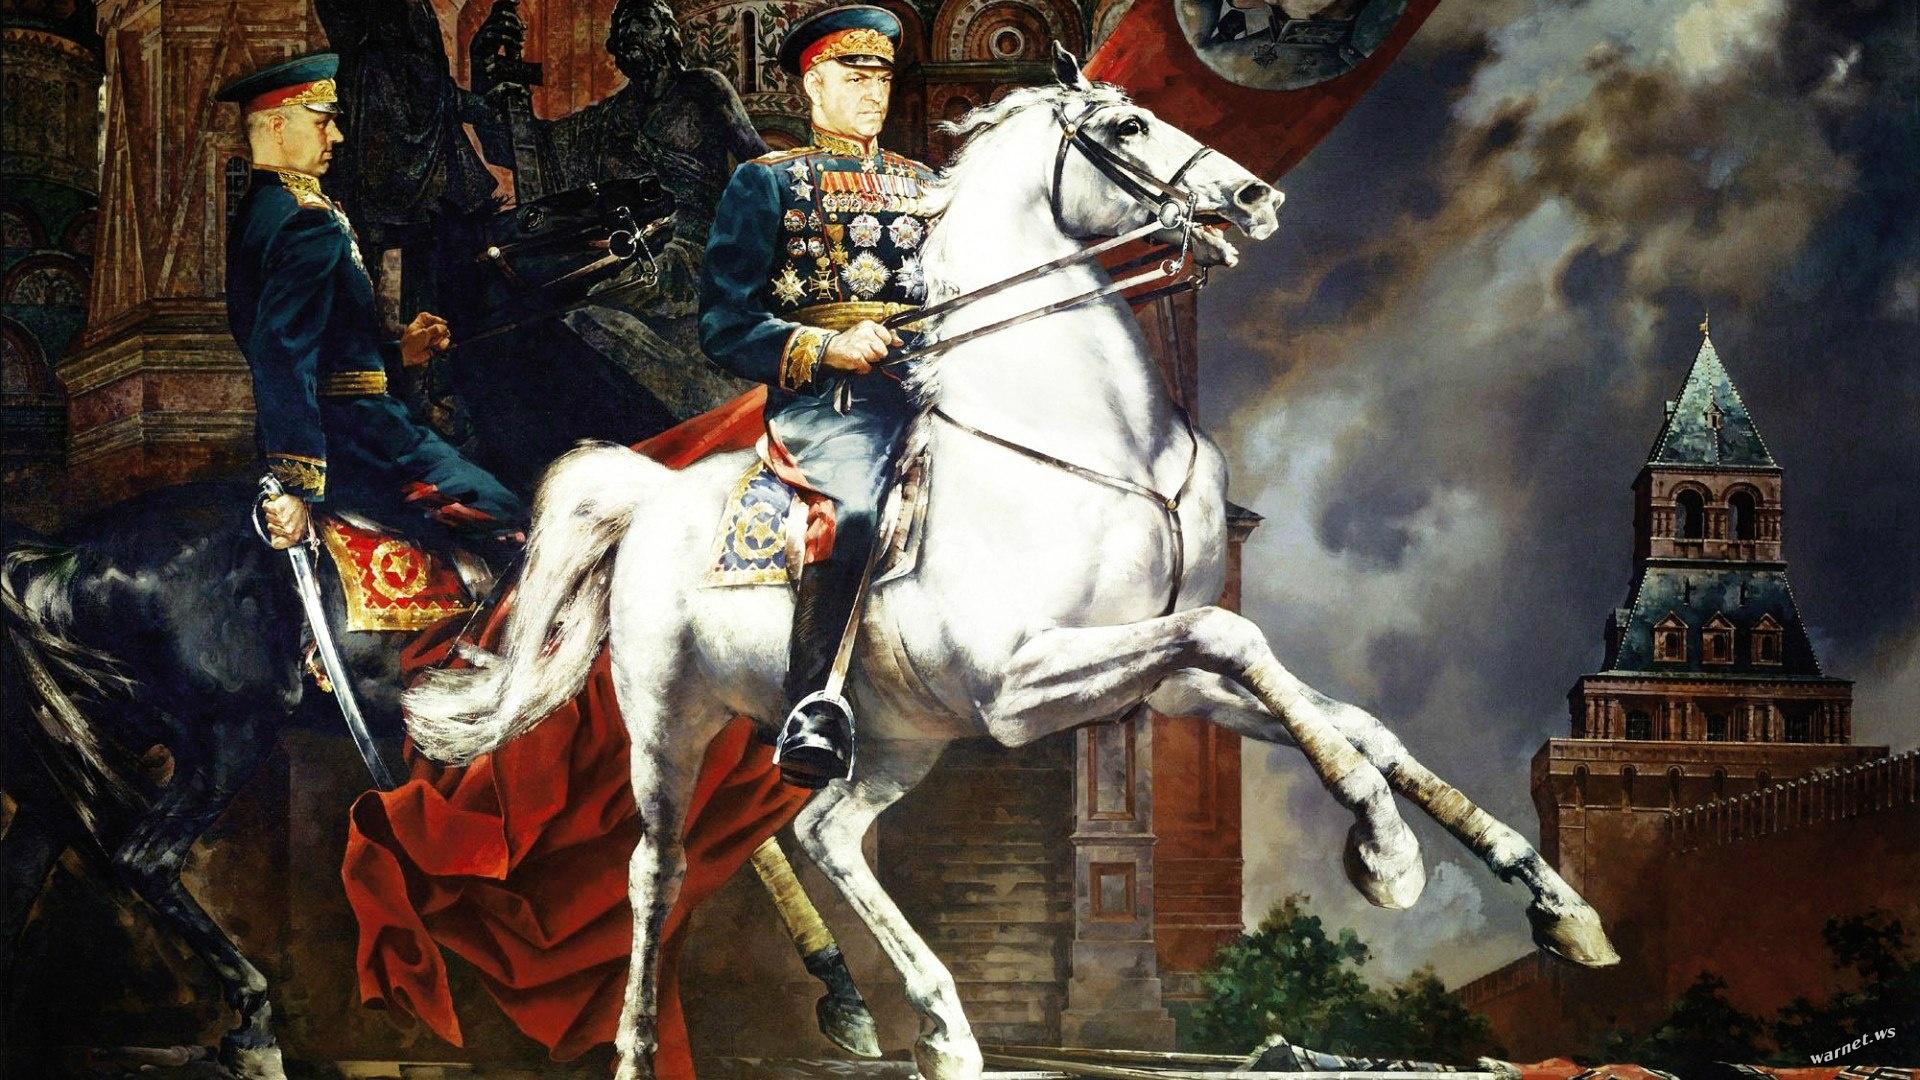 Жуков - главный герой Великой отечественной